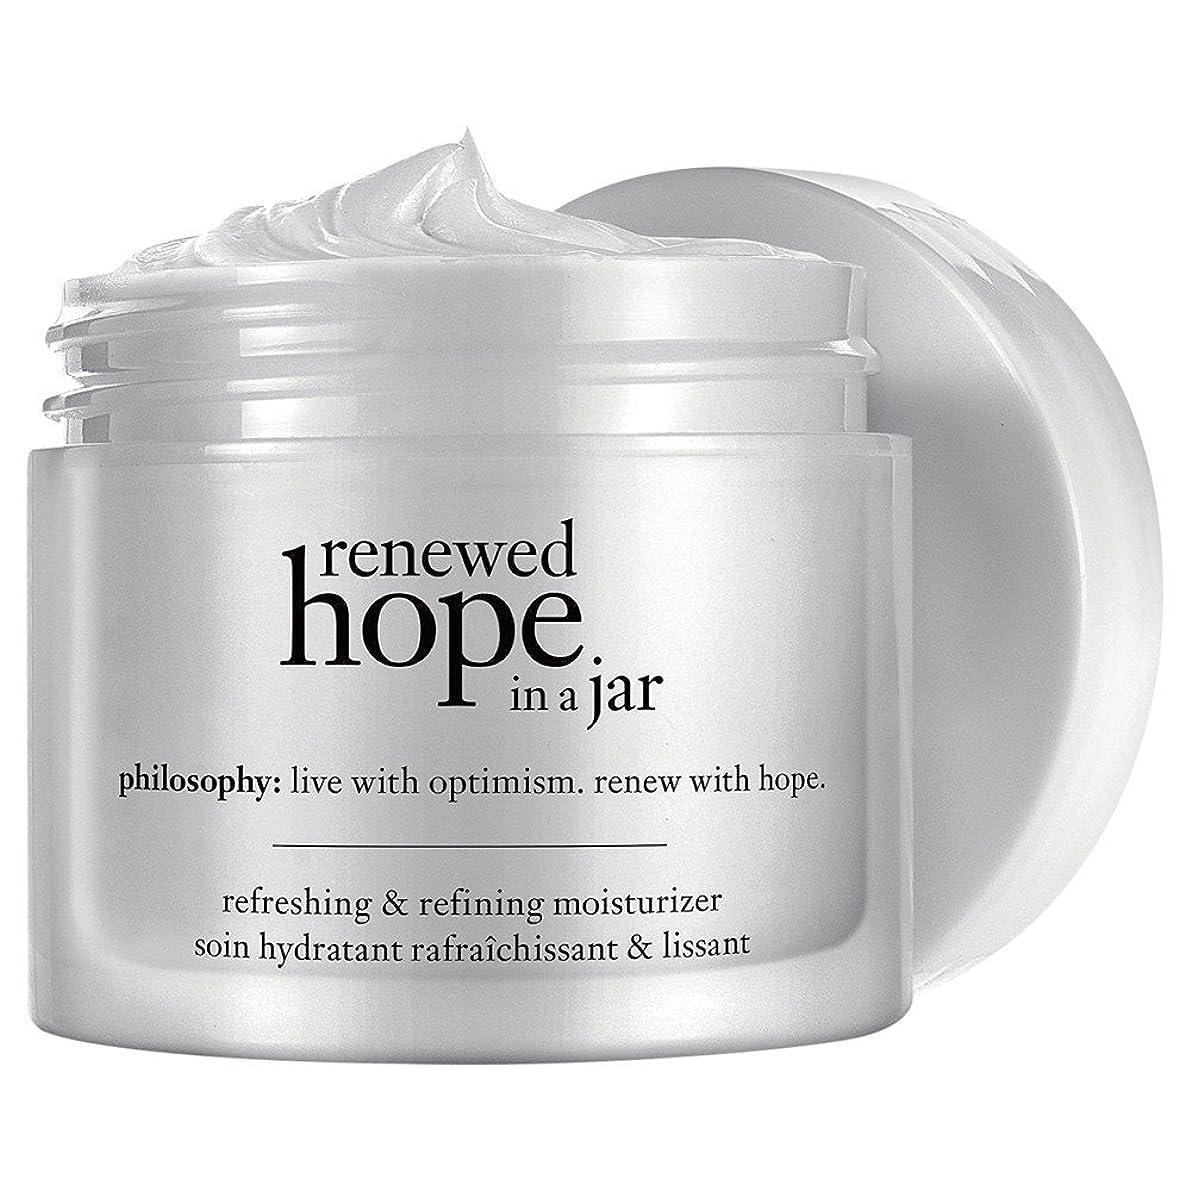 熟練した若さパケット瓶内の哲学新たな希望を、60ミリリットル (Philosophy) (x6) - Philosophy Renewed Hope In a Jar, 60ml (Pack of 6) [並行輸入品]